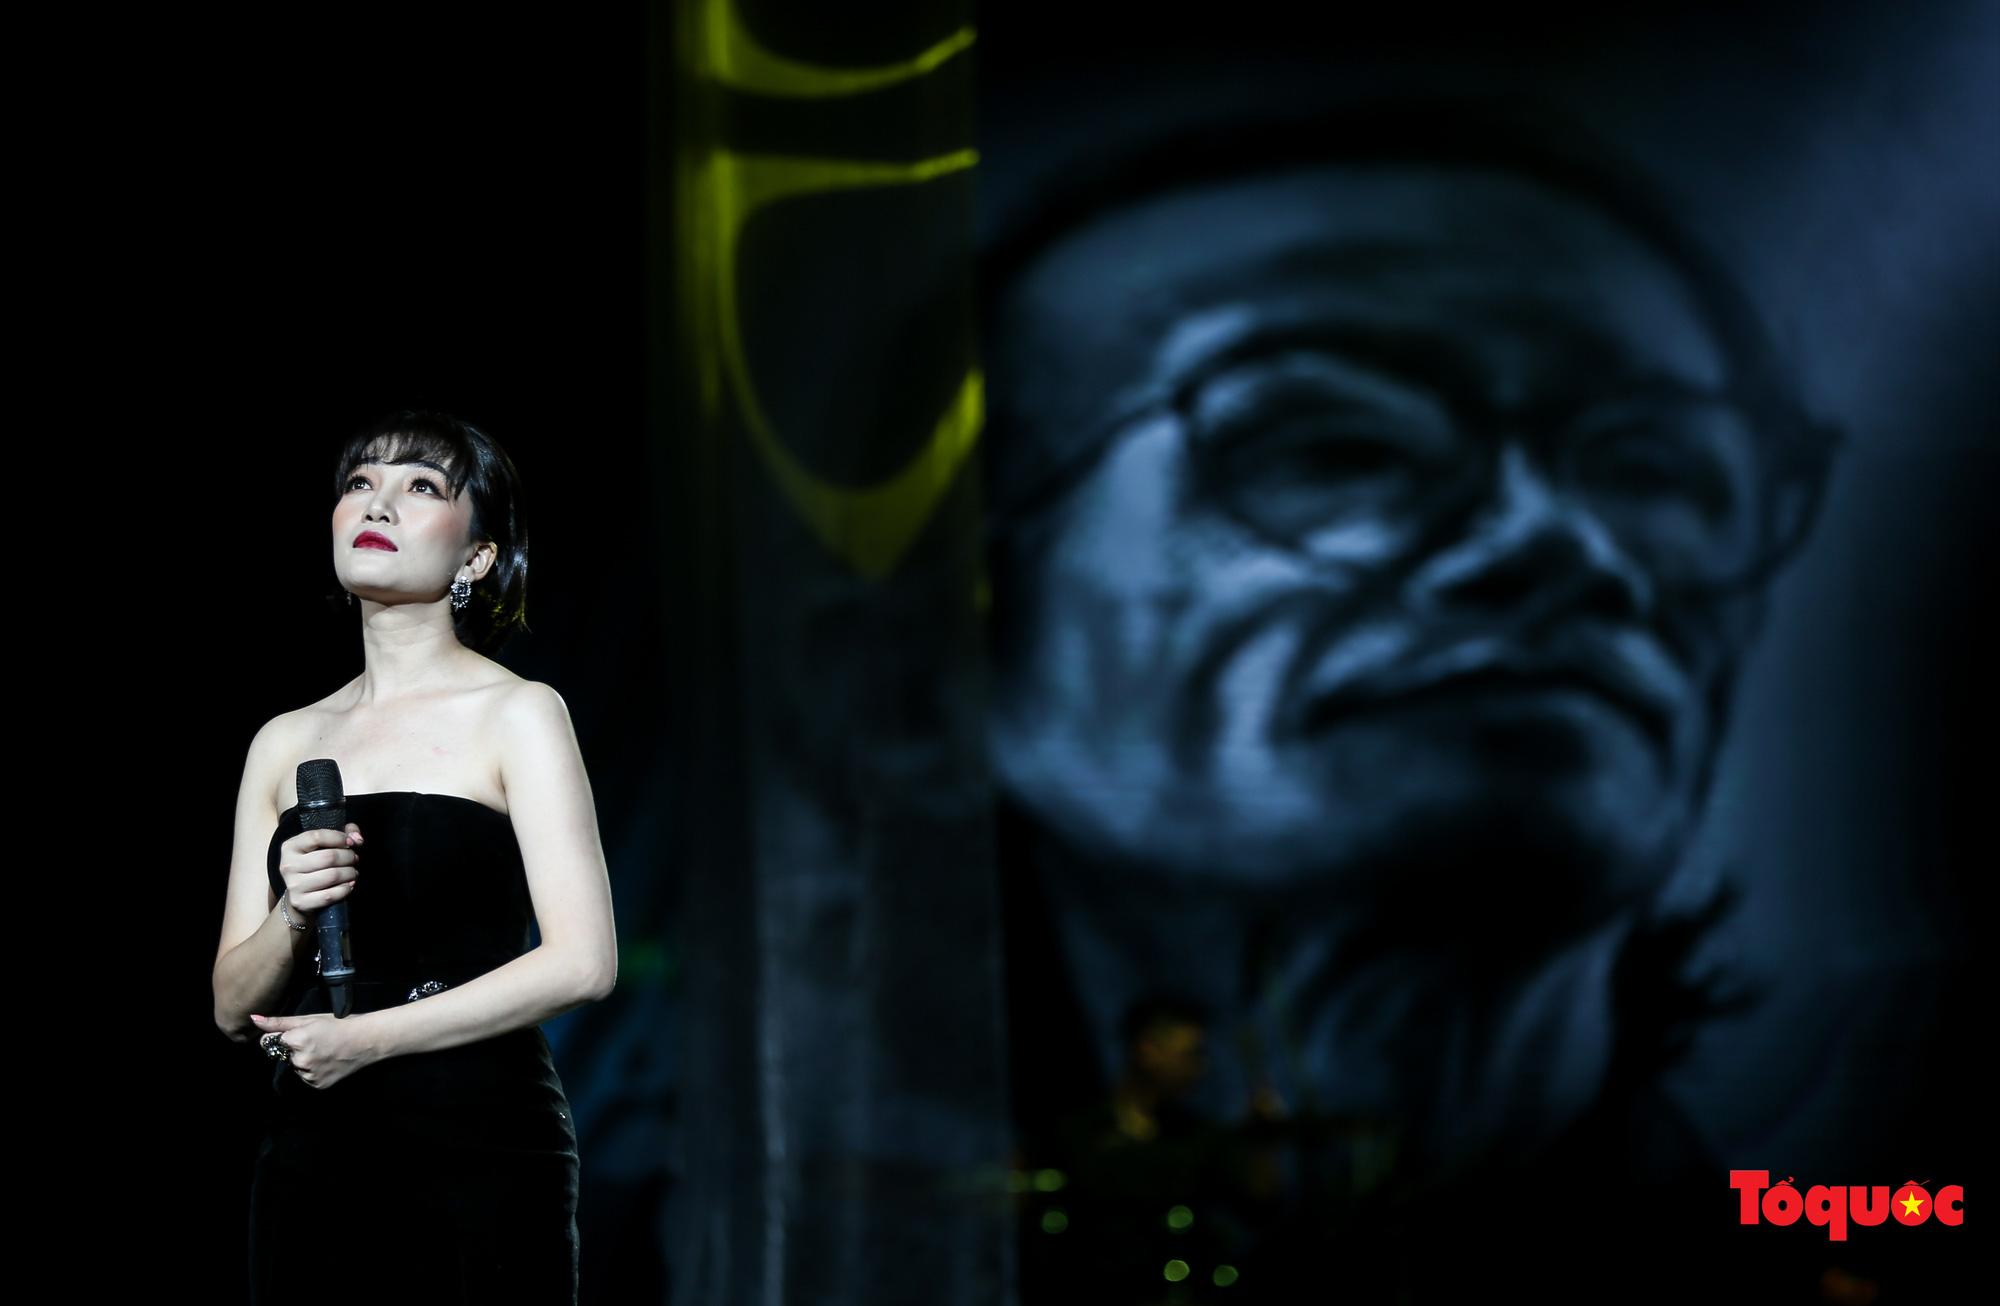 Nhiều cung bậc cảm xúc trong đêm nhạc 'Biển nhớ' tưởng nhớ cố nhạc sĩ Trịnh Công Sơn - Ảnh 12.